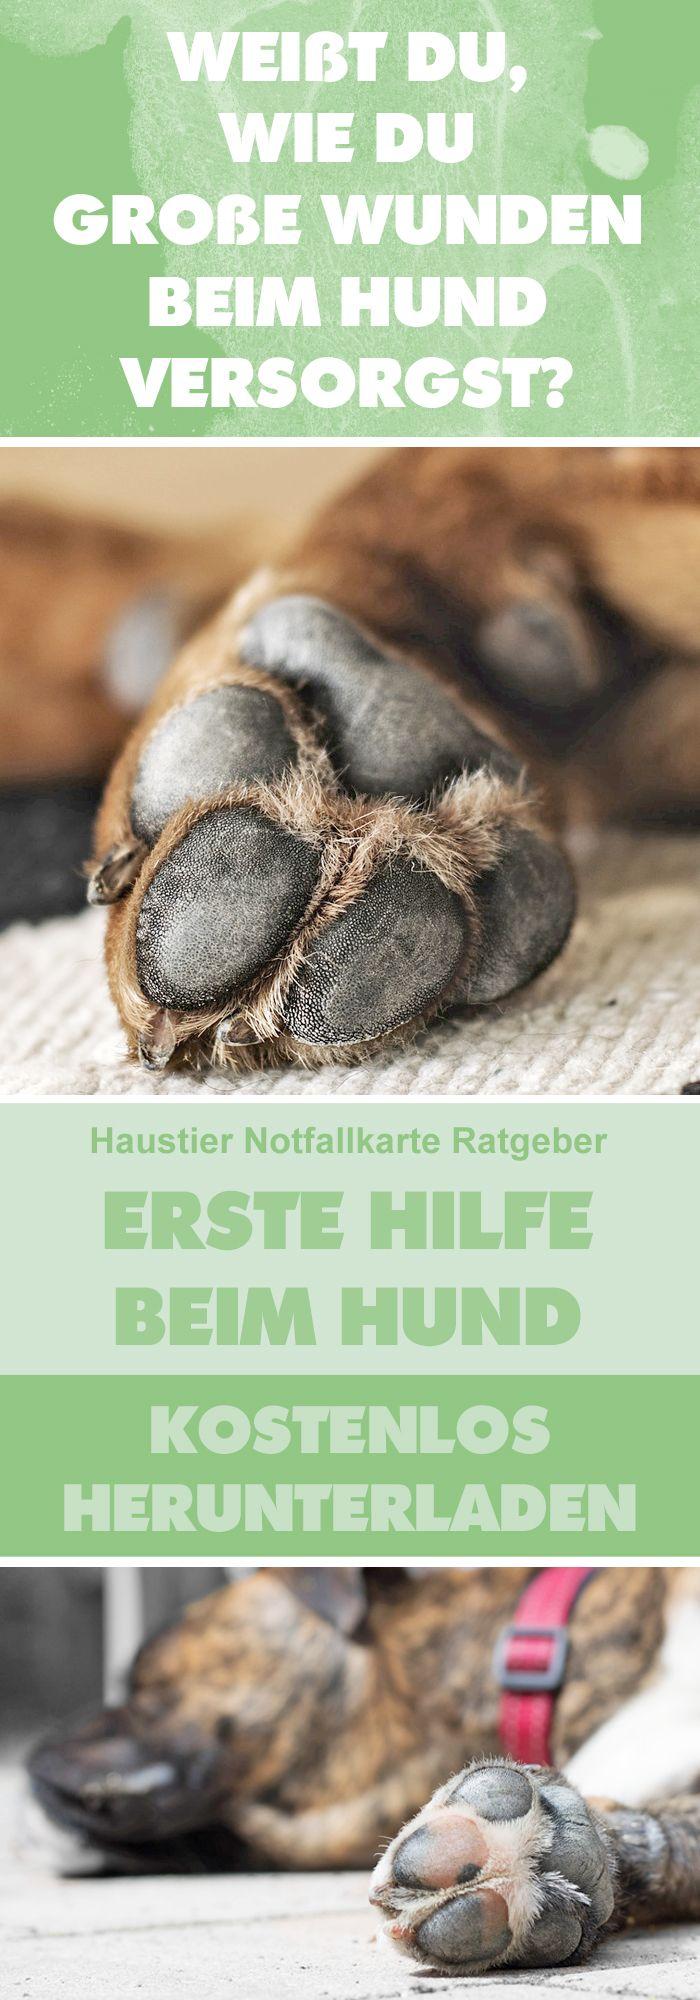 Weißt Du, wie Du große Wunden beim Hund versorgst? Lade Dir unseren kostenlosen Haustier Notfallkarte Ratgeber Erste Hilfe beim Hund herunter! #haustier #notfallkarte